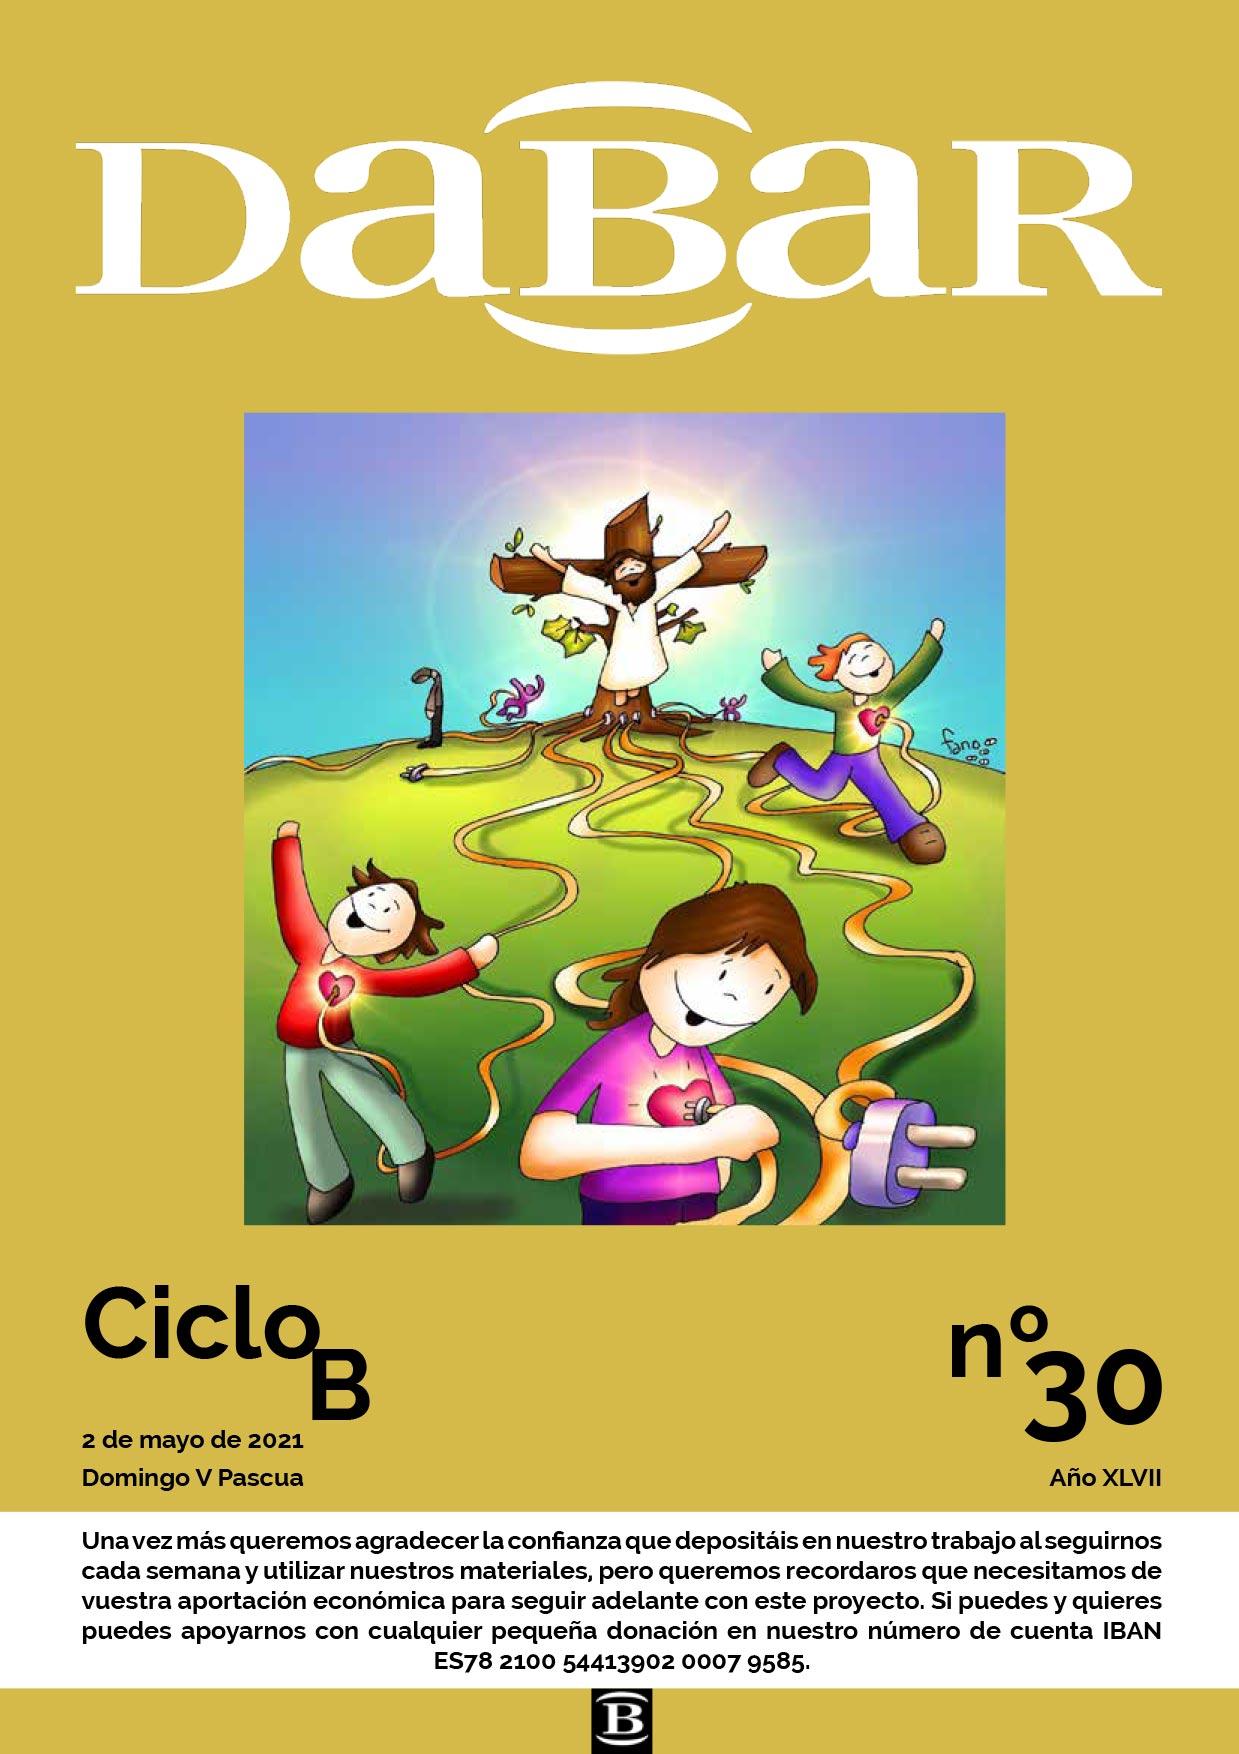 Dabar Revista numero 30 ciclo B